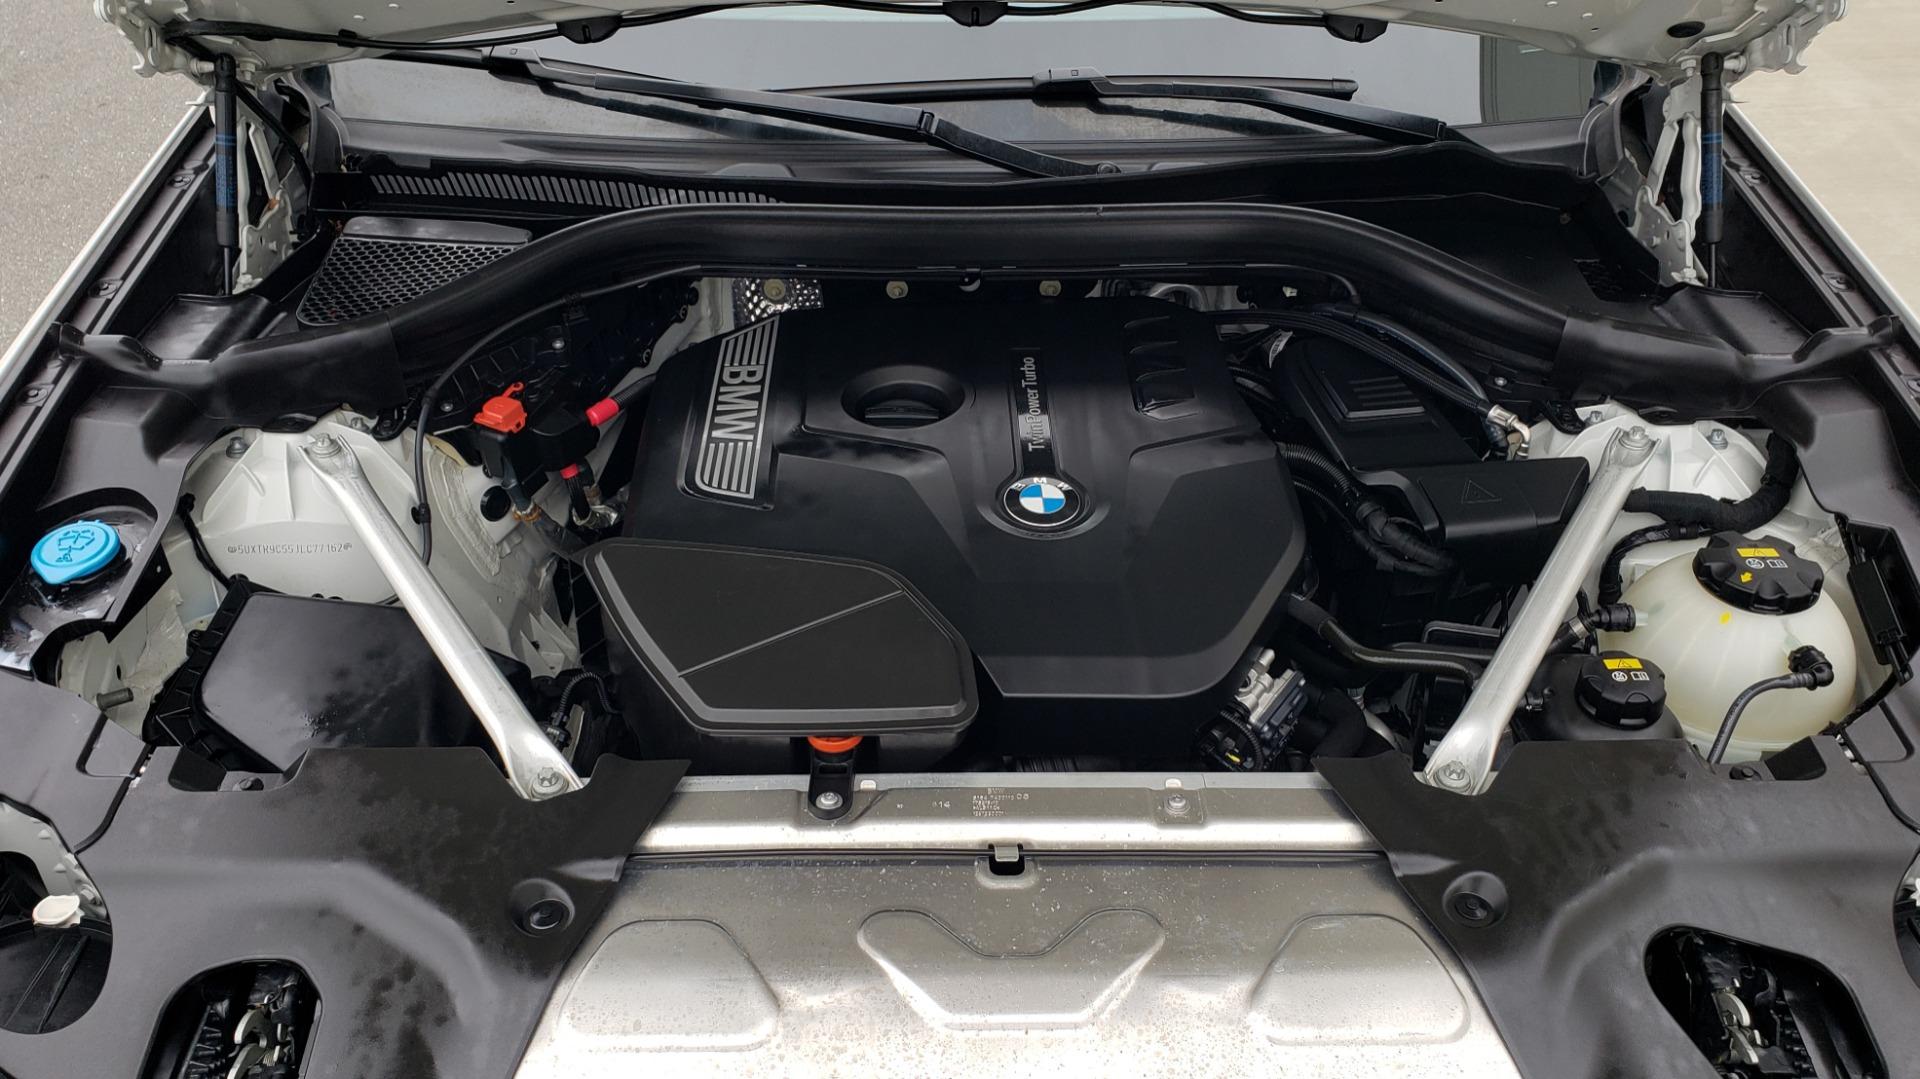 Used 2018 BMW X3 XDRIVE30I / LUX PKG / PREM PKG / CONV PKG / PDC / APPLE CARPLAY for sale Sold at Formula Imports in Charlotte NC 28227 13